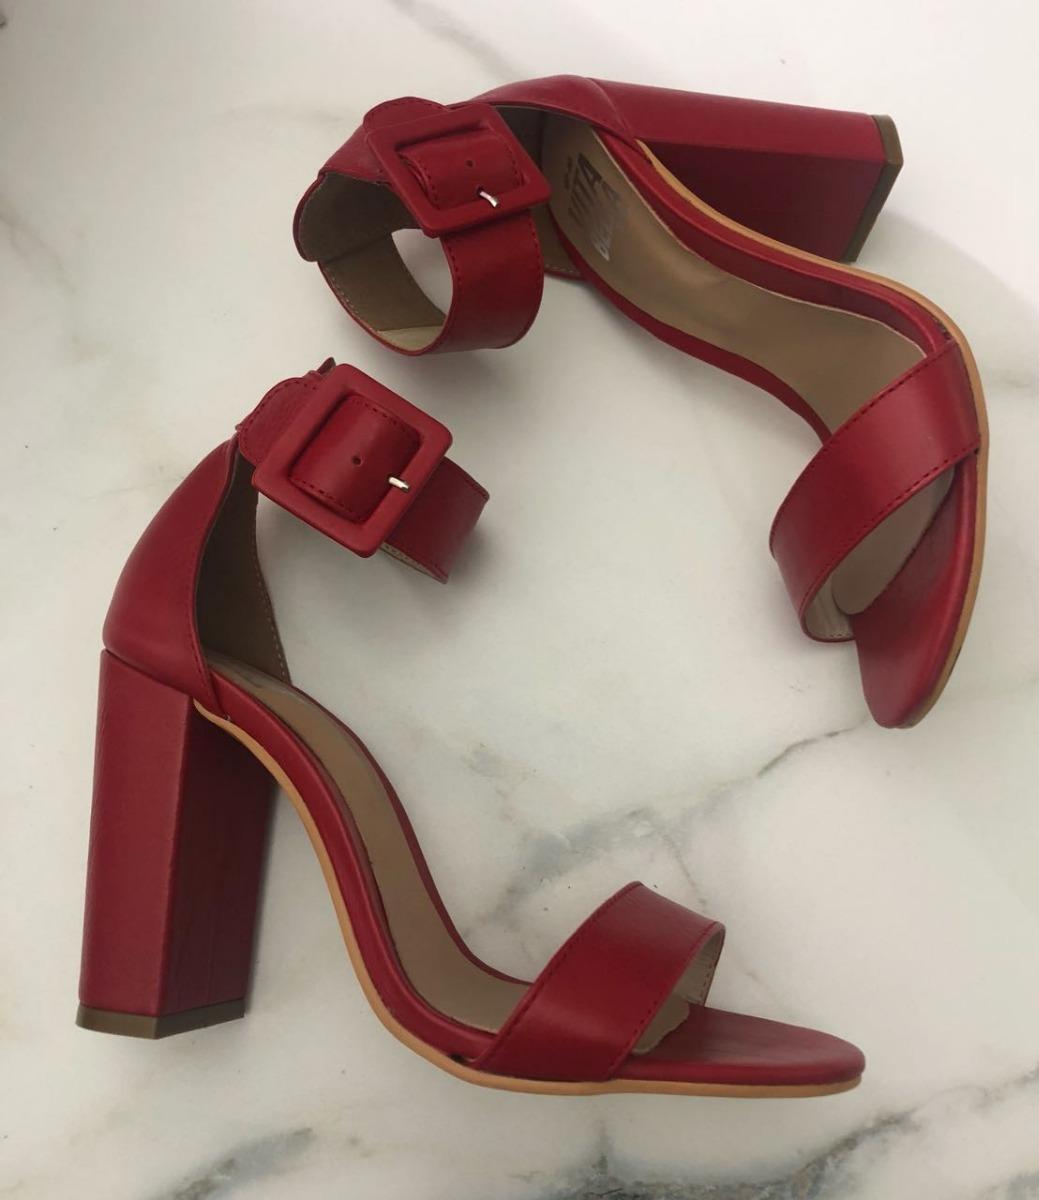 51bbf293b1f palo rojos Cargando hebilla cuero alto con zapatos taco zoom importados  6Sqd6Y